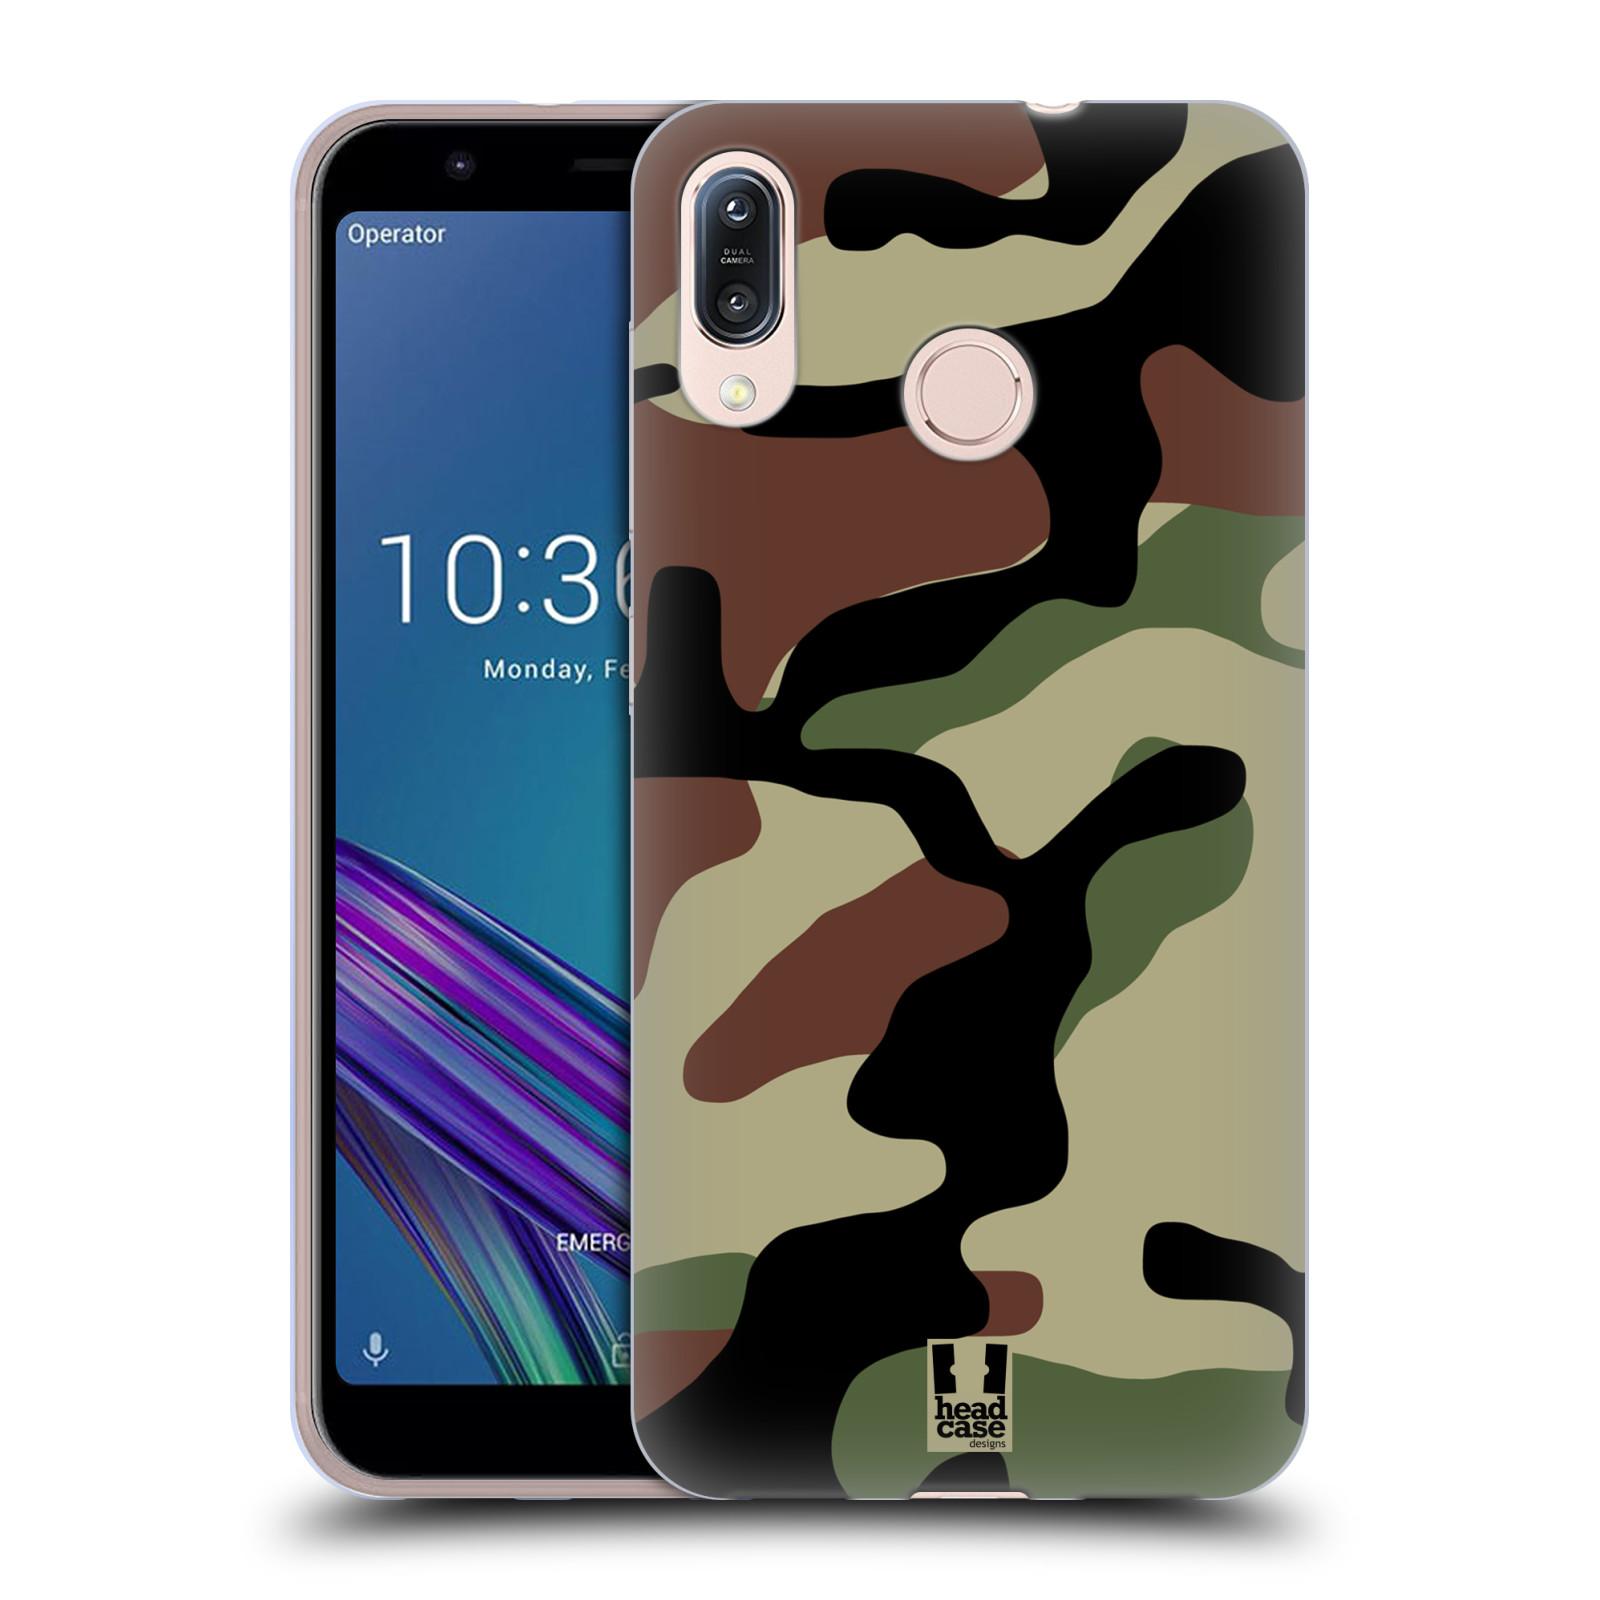 Silikonové pouzdro na mobil Asus Zenfone Max M1 ZB555KL - Head Case - Maskáče